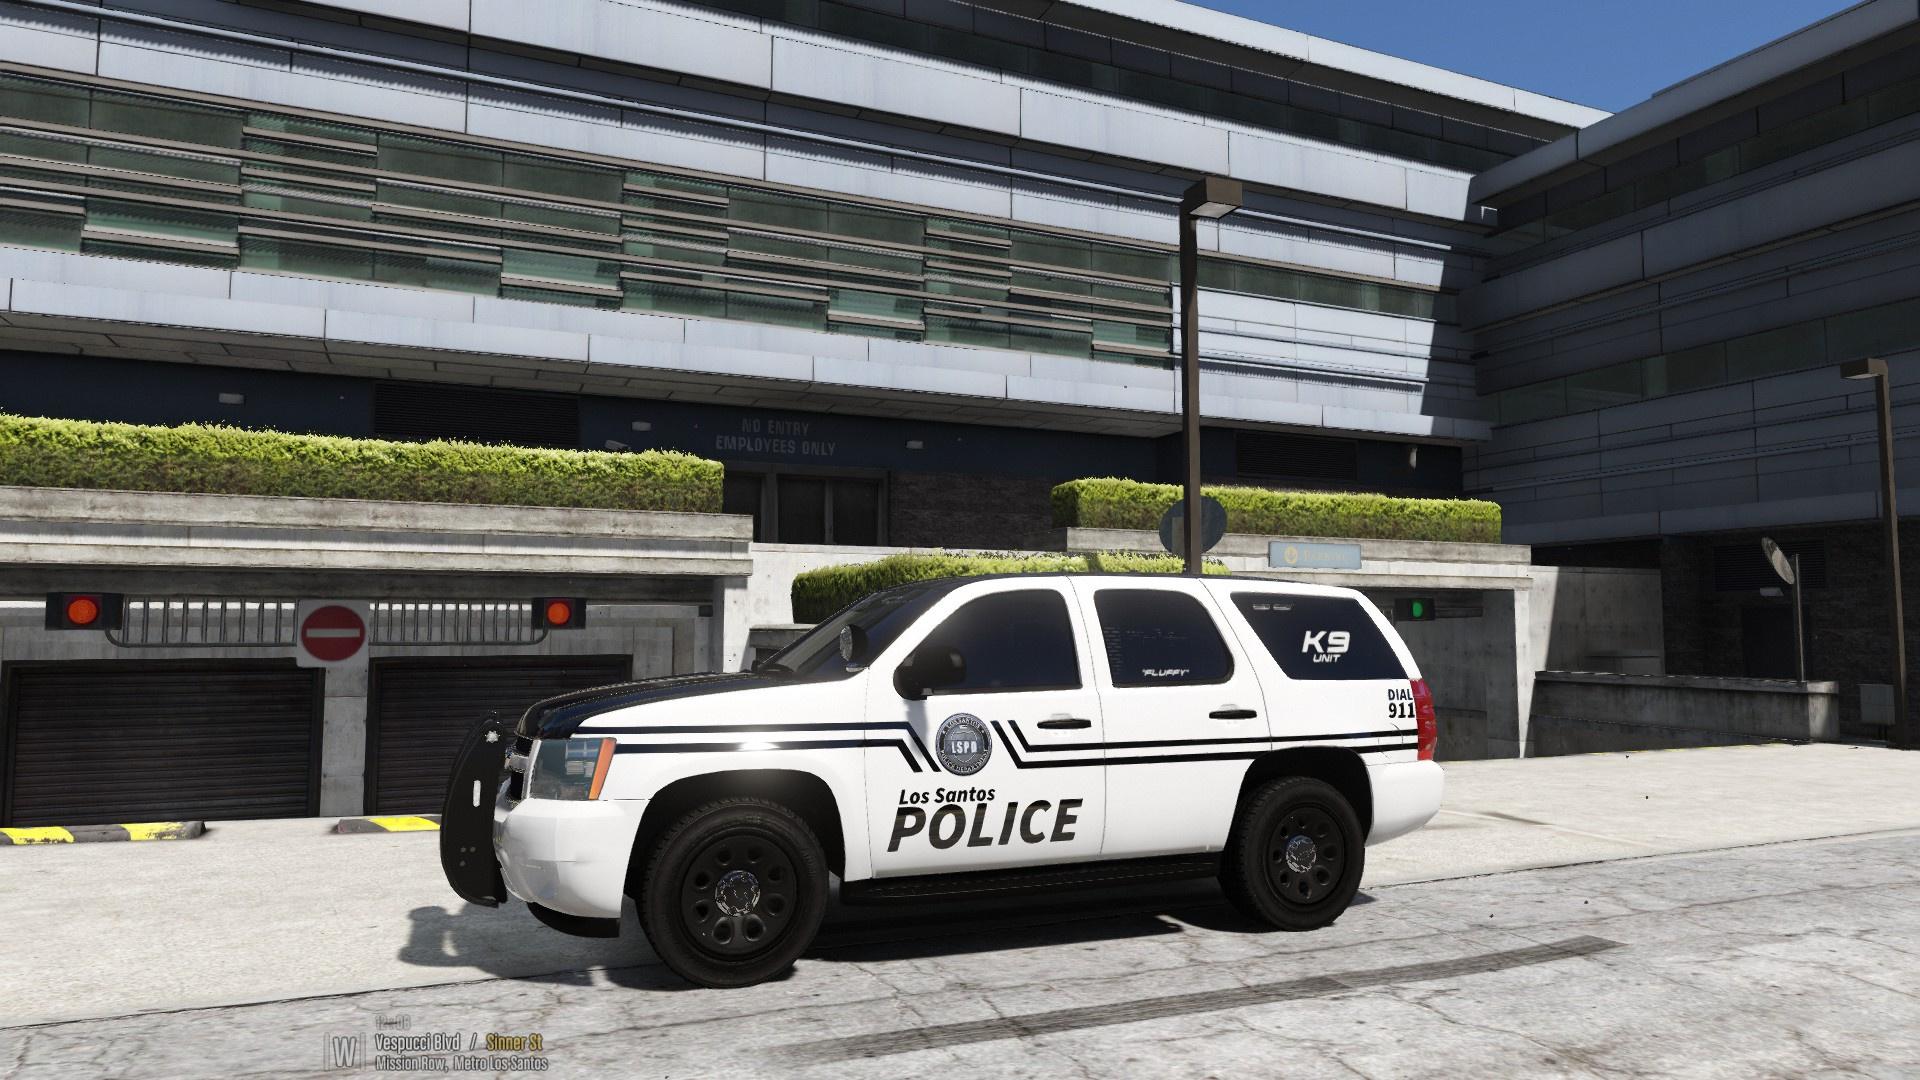 Los Santos Police Department Gta5 Mods Com